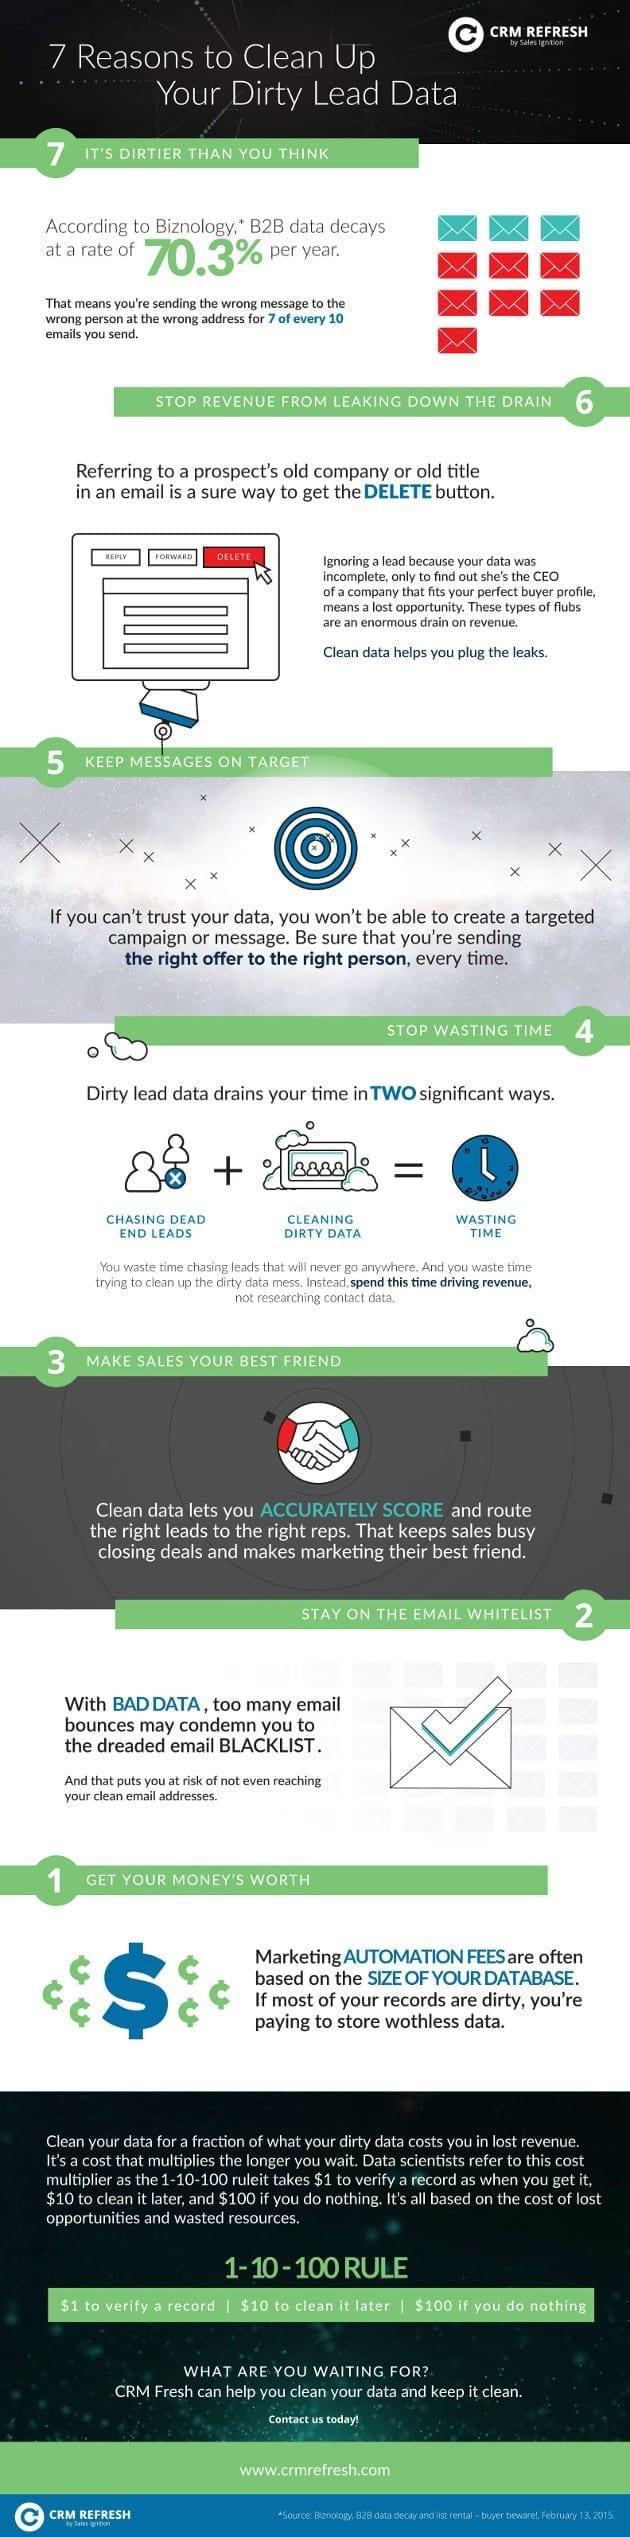 i-marketingprofs-com170824-infographic-dirty-ba8a1c3b03f66a49e2ed29965d2ca4850f8aae96-5086381